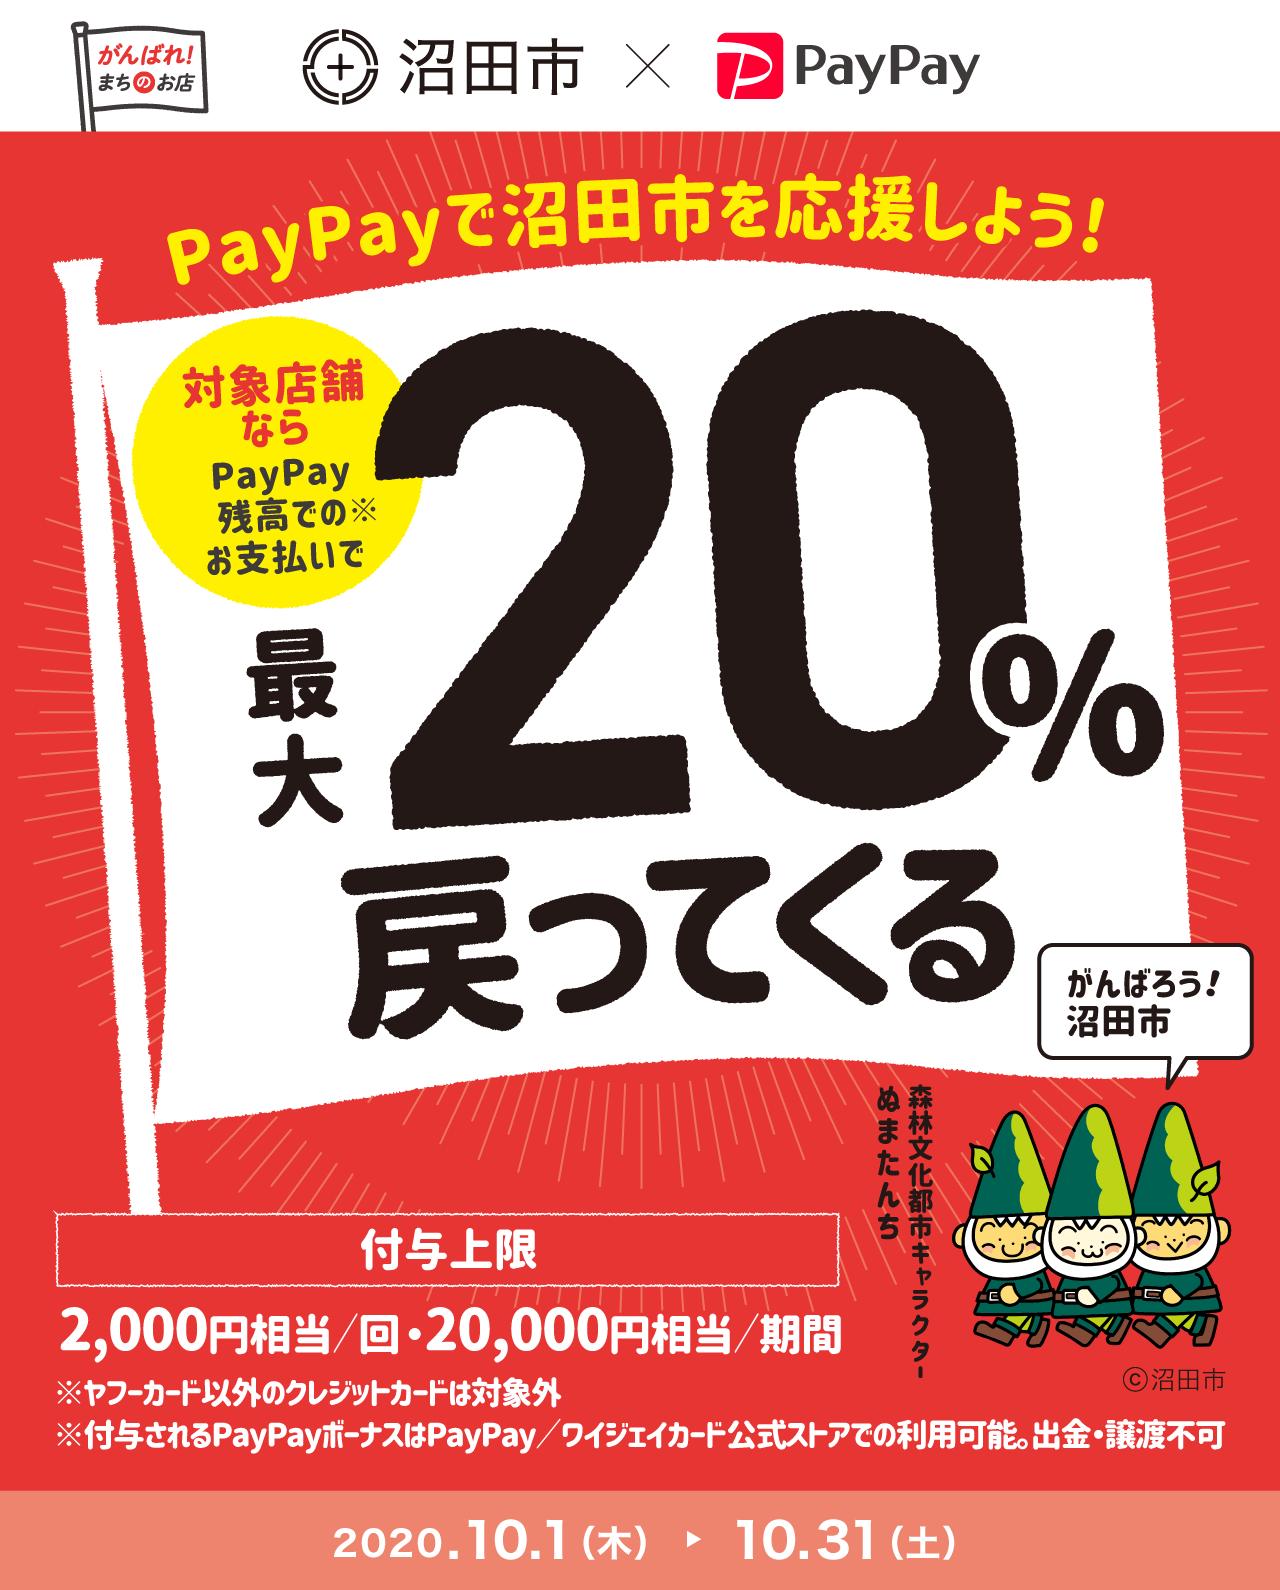 PayPayで沼田市を応援しよう! 対象店舗ならPayPay残高でのお支払いで最大20%戻ってくる